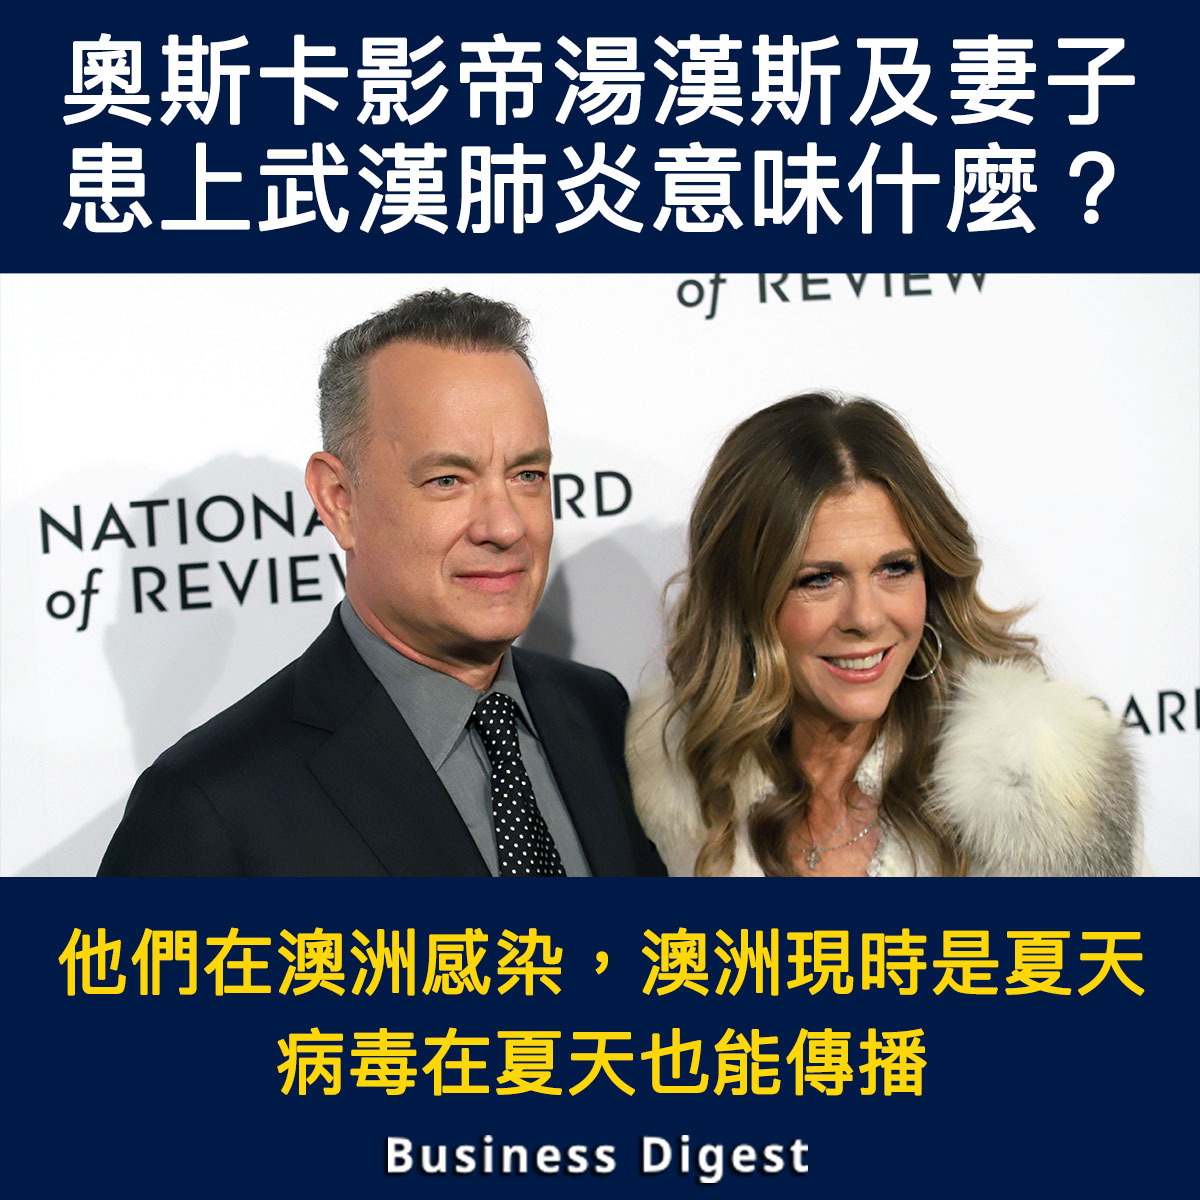 【武漢肺炎】奧斯卡影帝湯漢斯及妻子患上武漢肺炎意味什麼?病毒在夏天也能傳播